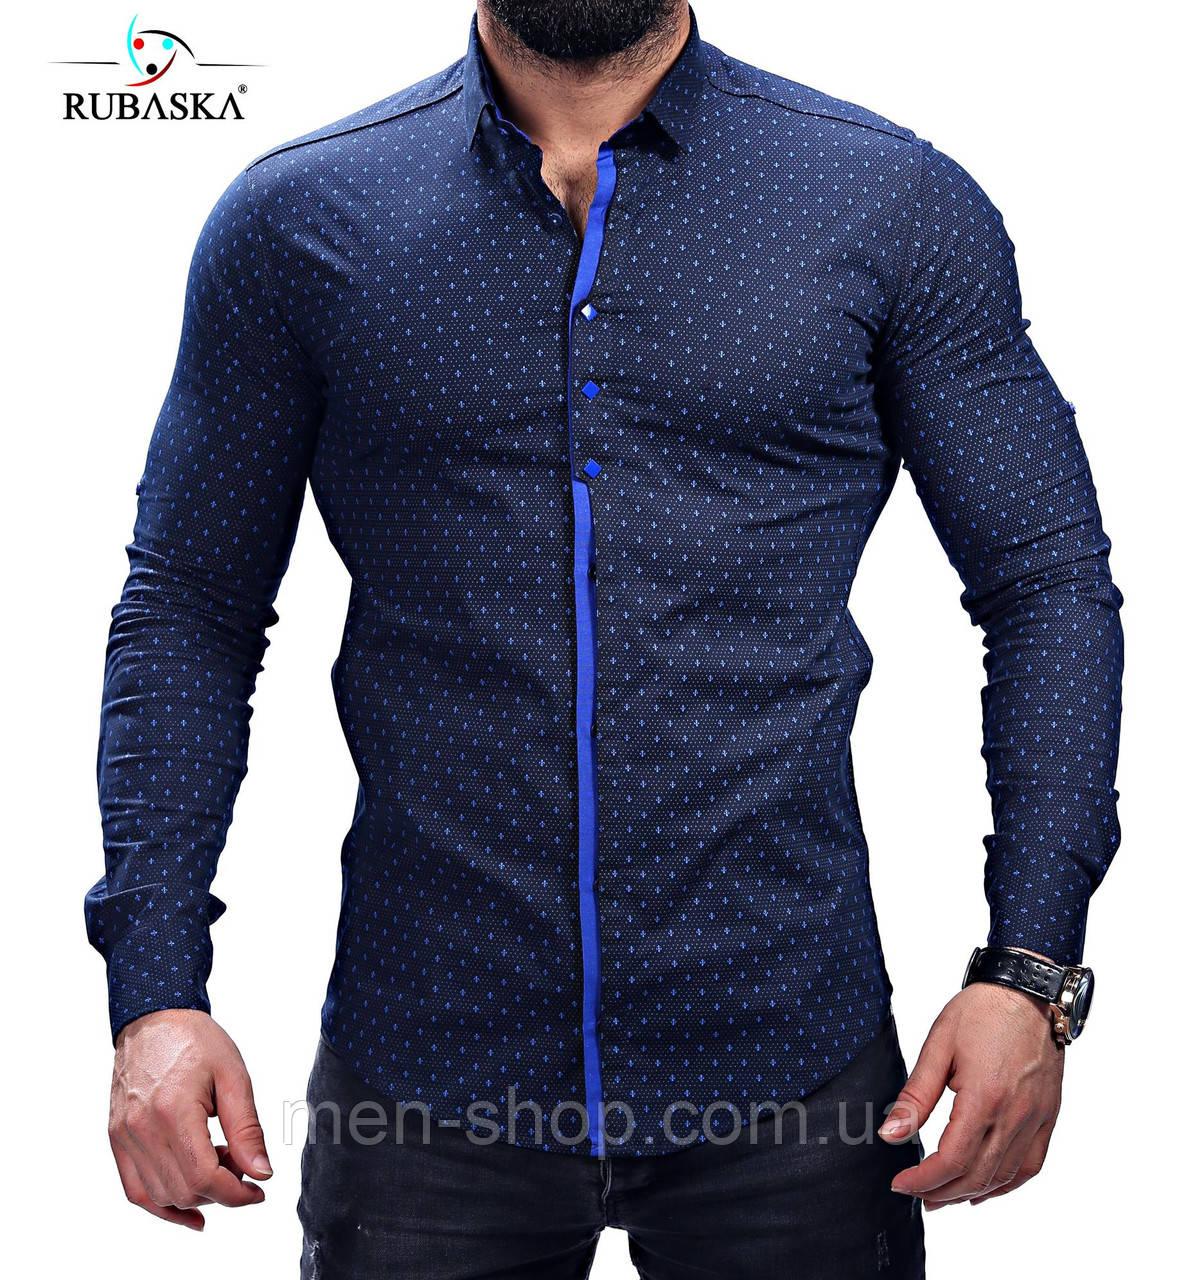 777d7f6ed79 Модная синяя мужская рубашка  продажа